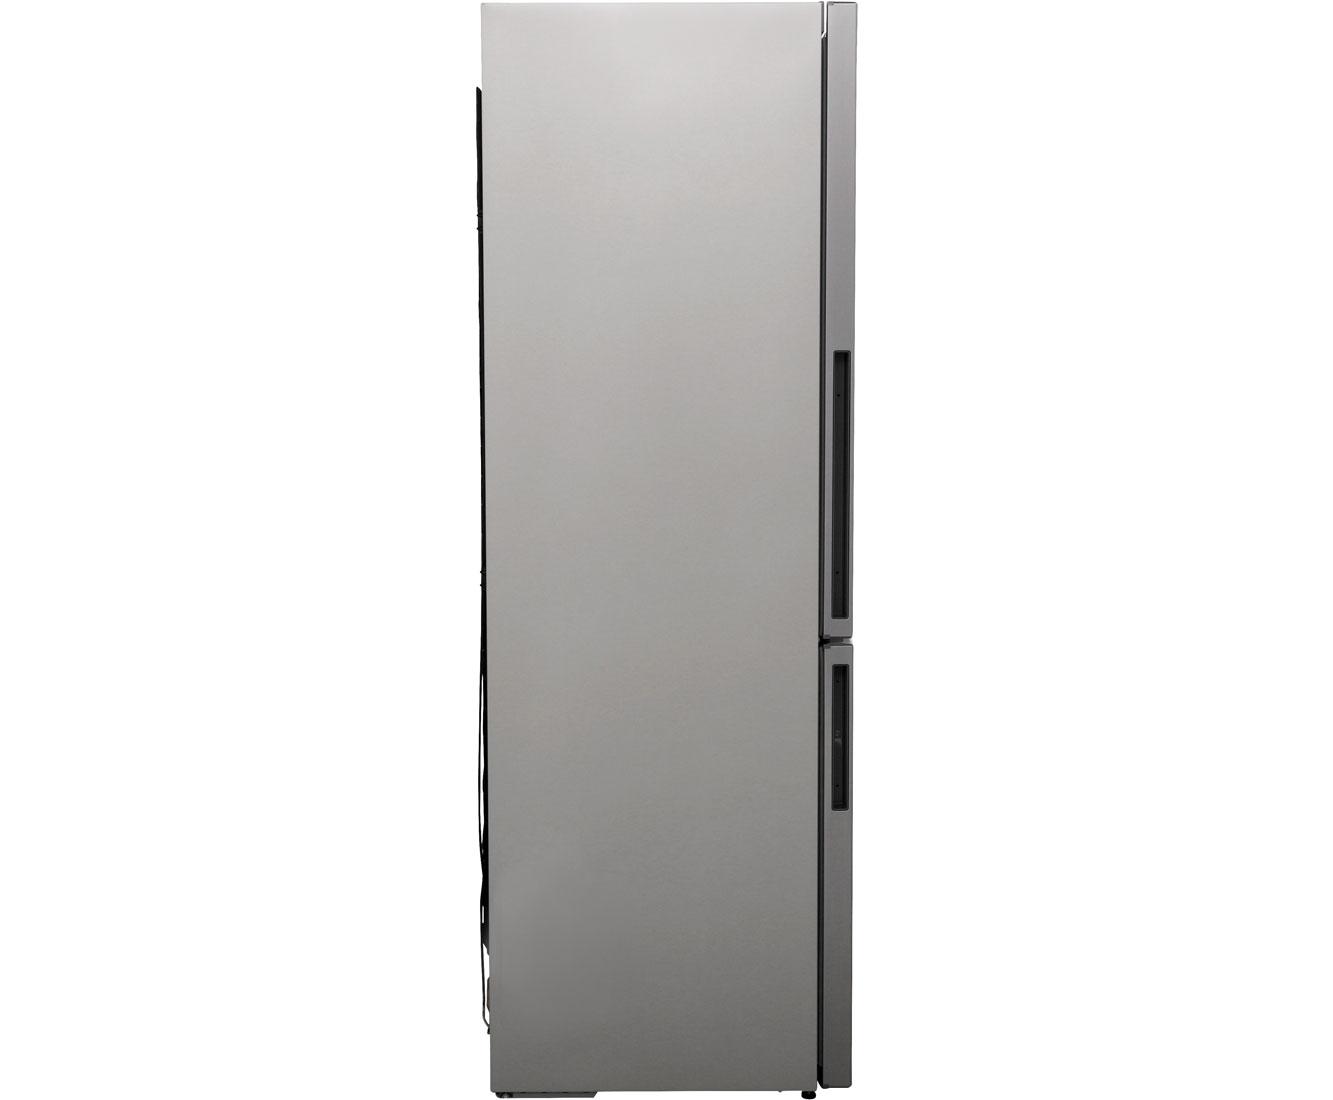 Siemens Kühlschrank Kg36vvl32 : Siemens kg36vvl32 kühl gefrierkombination freistehend edelstahl